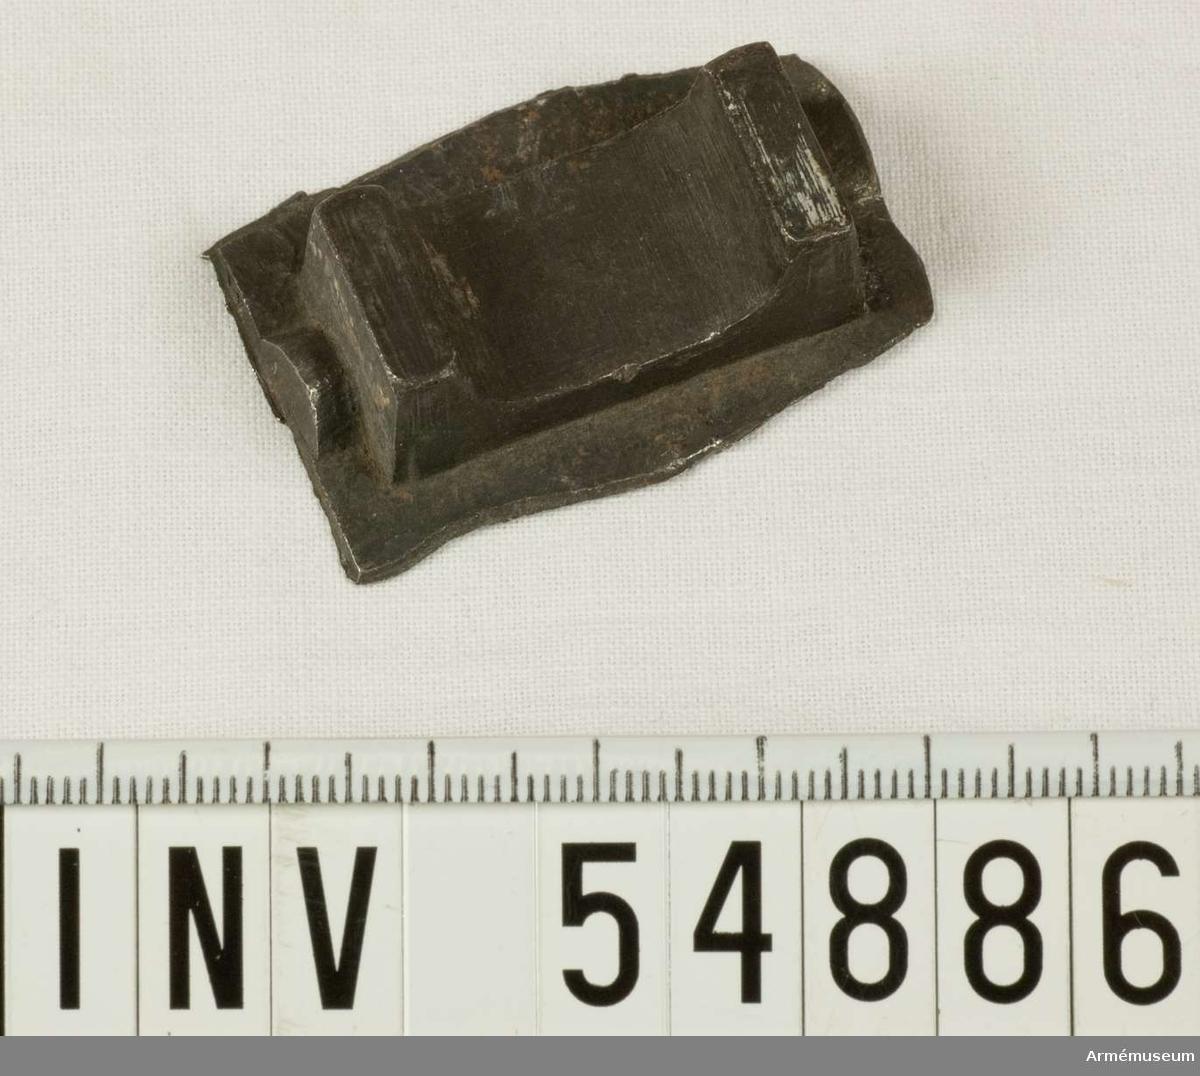 Grupp E VIII.   Del till pipa. Nr 1 (av 9. Ev. saknas en 10:e.) i tillverkningsordningen. Gevärsdel t 1867 års gevär m/1867; en av c:a 400 delar.